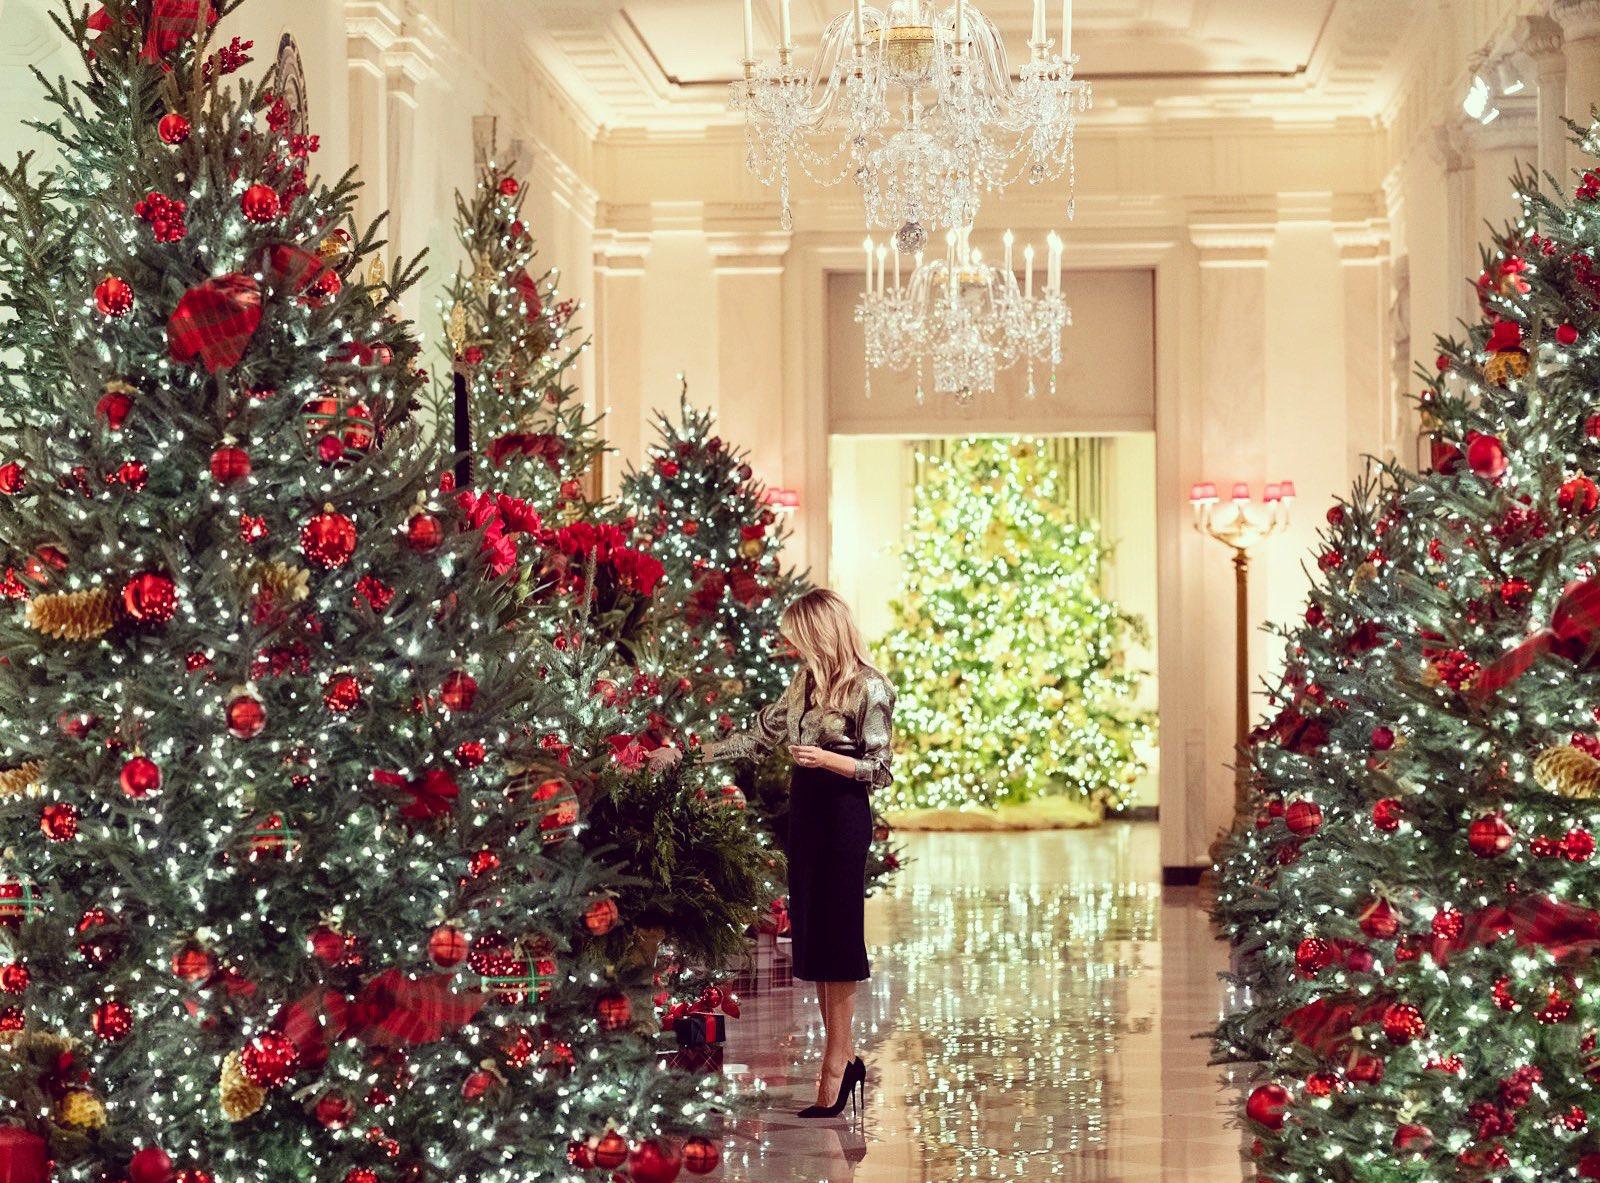 A Fehér Ház 2020-ban is felemelő élmény karácsony ünnepén